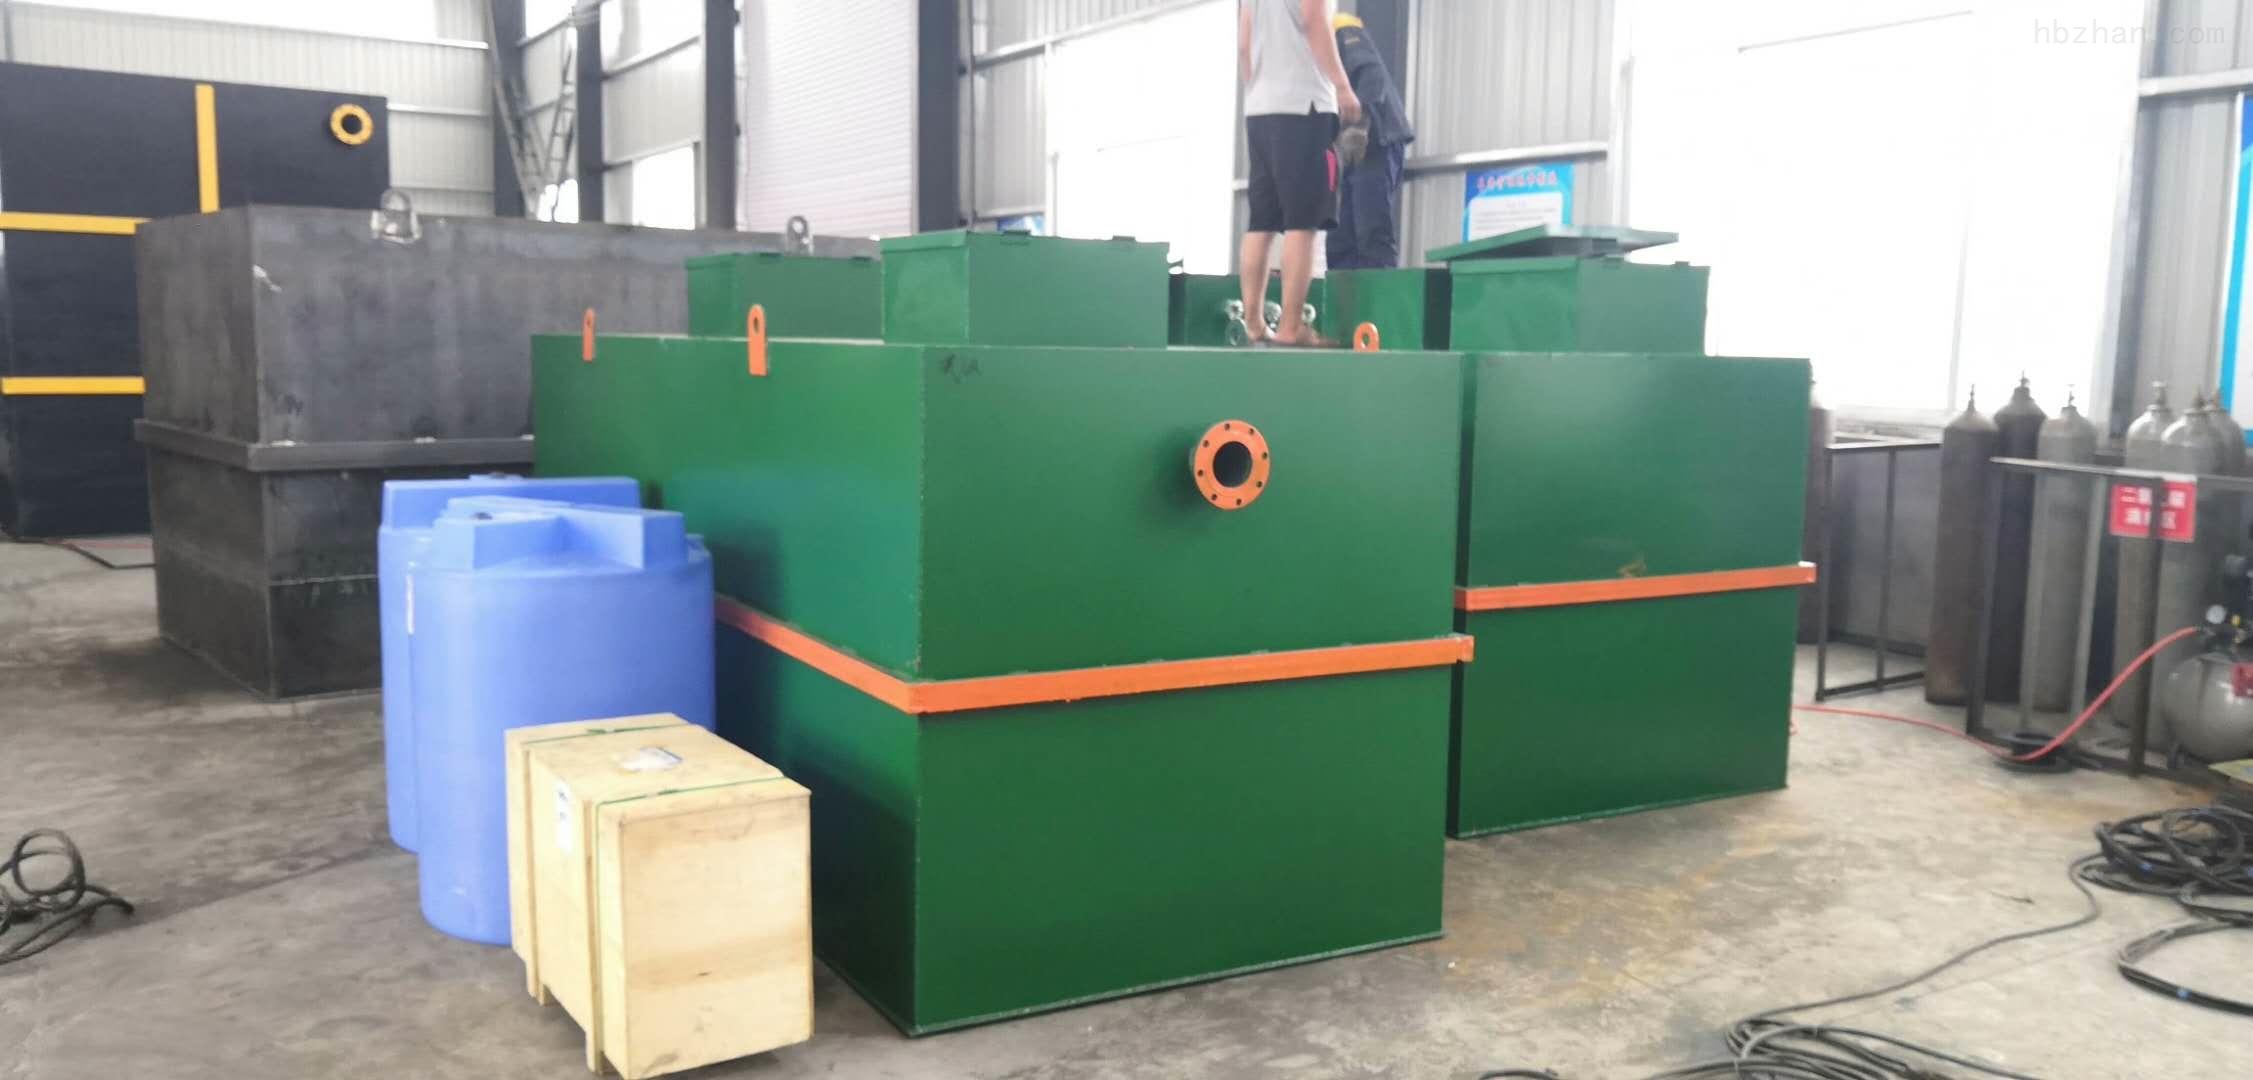 襄樊疾控中心实验室污水处理设备